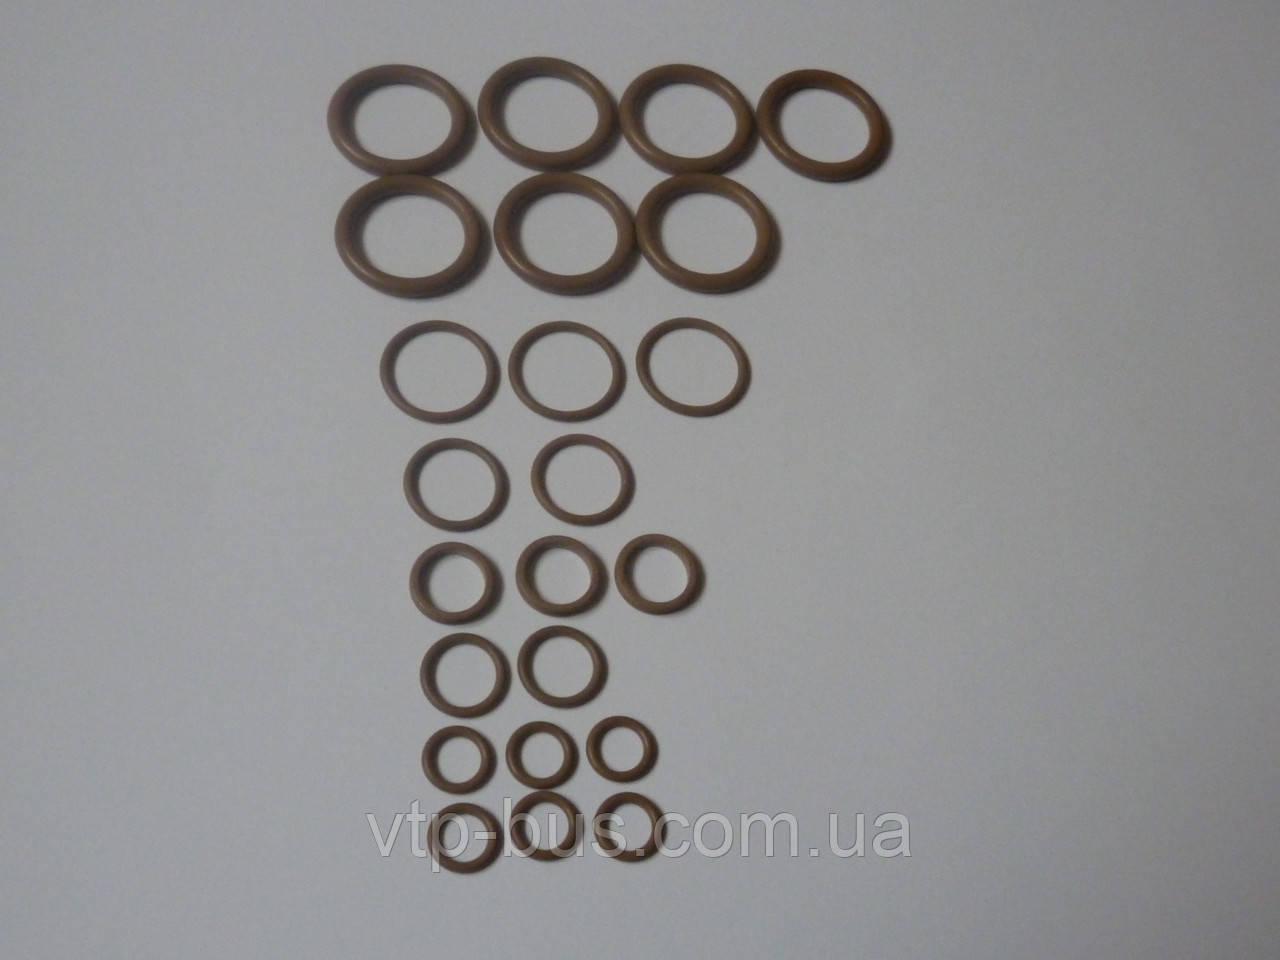 Комплект сальников кондиционера на Renault Trafic1.9dCi/2.0dCi/2.5dCi с 2001... Renault (оригинал), 7701207465